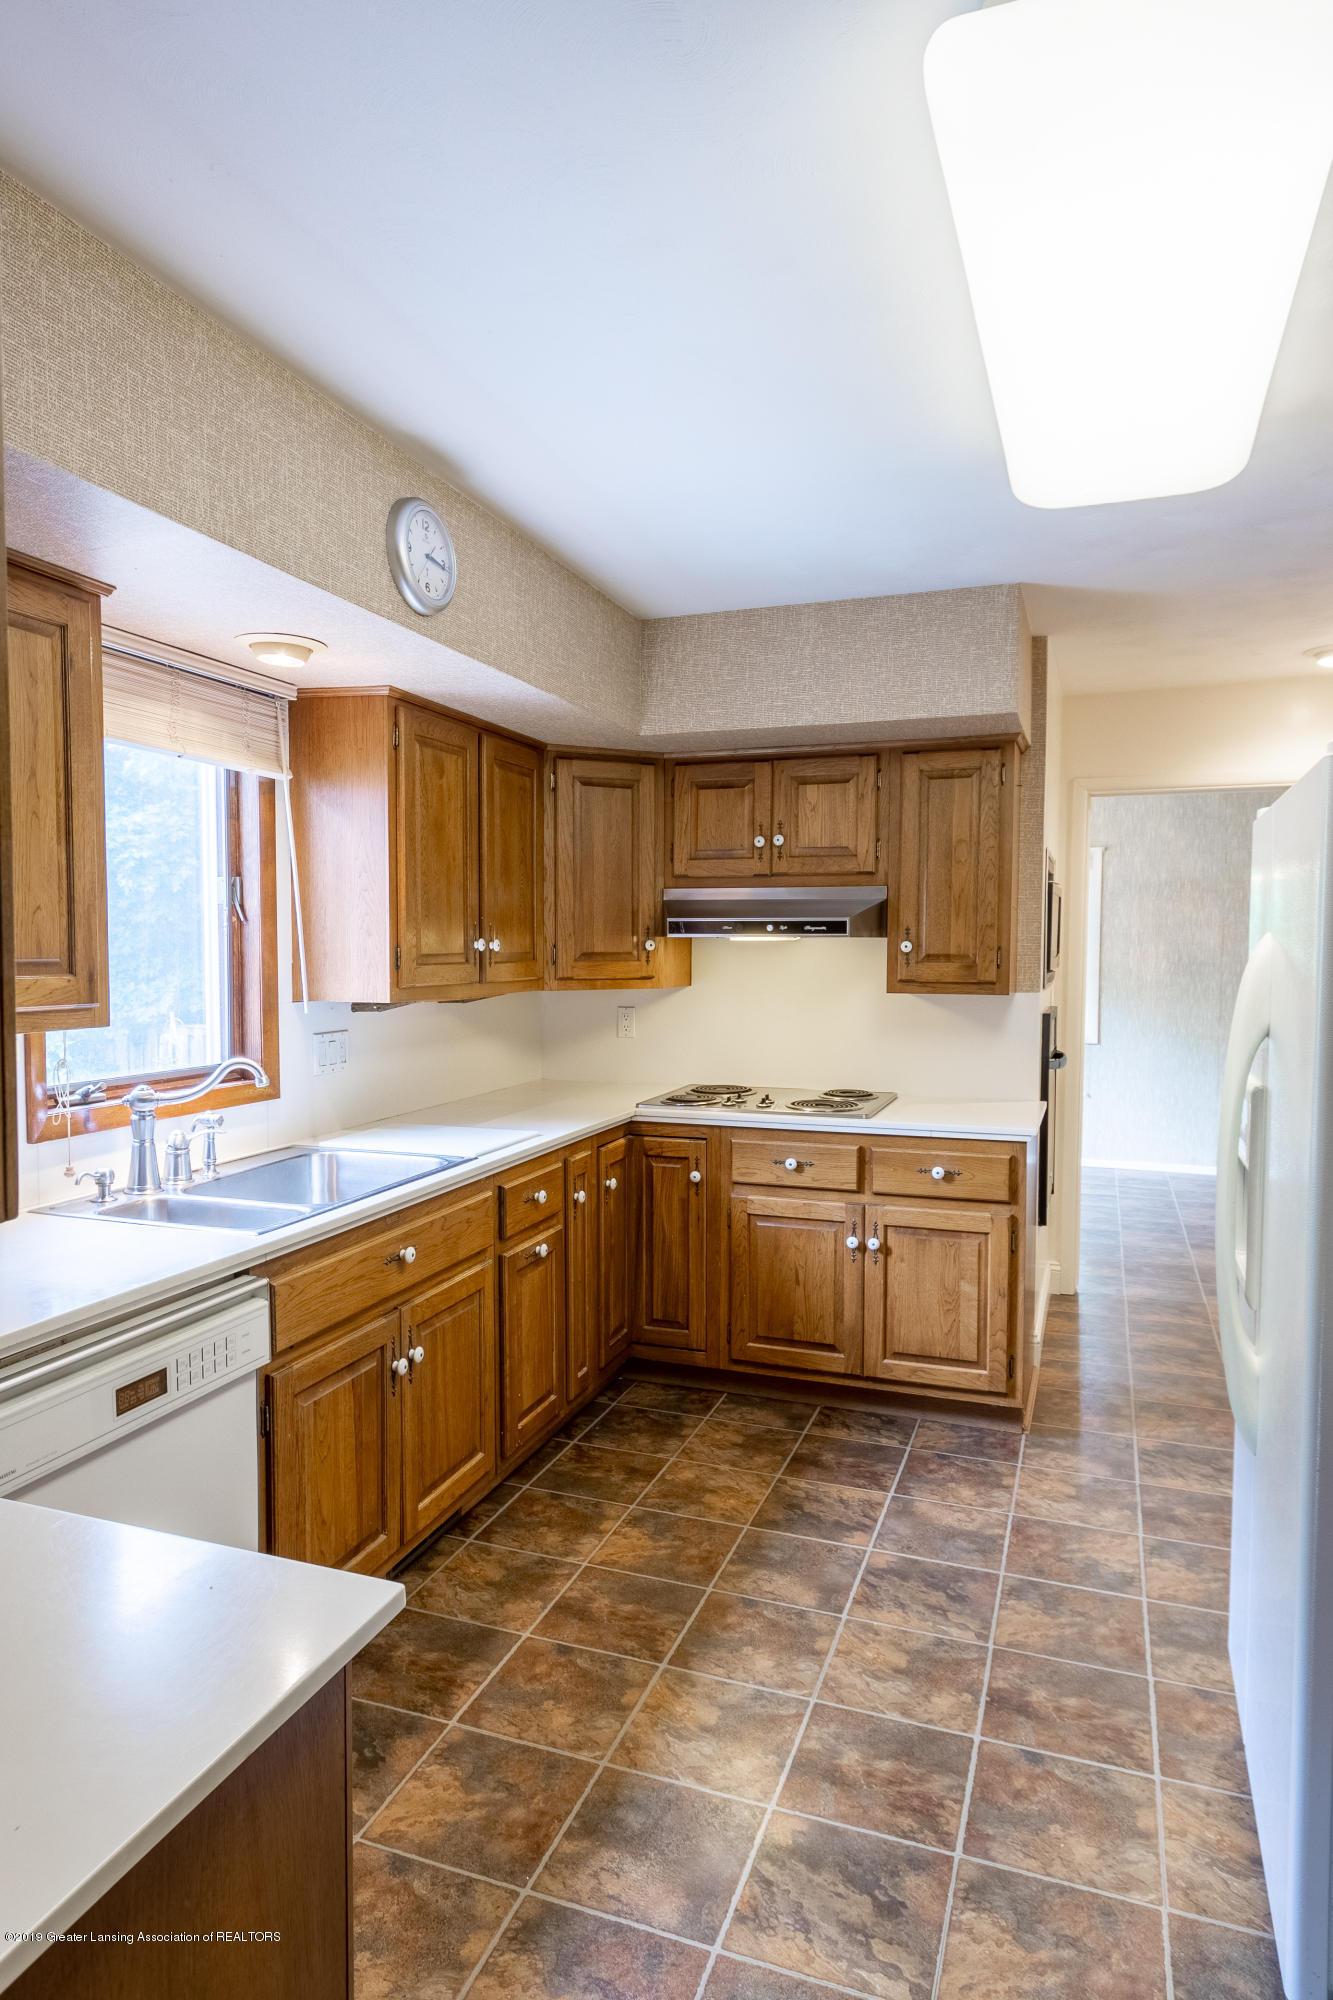 2661 Linden St - Kitchen - 11